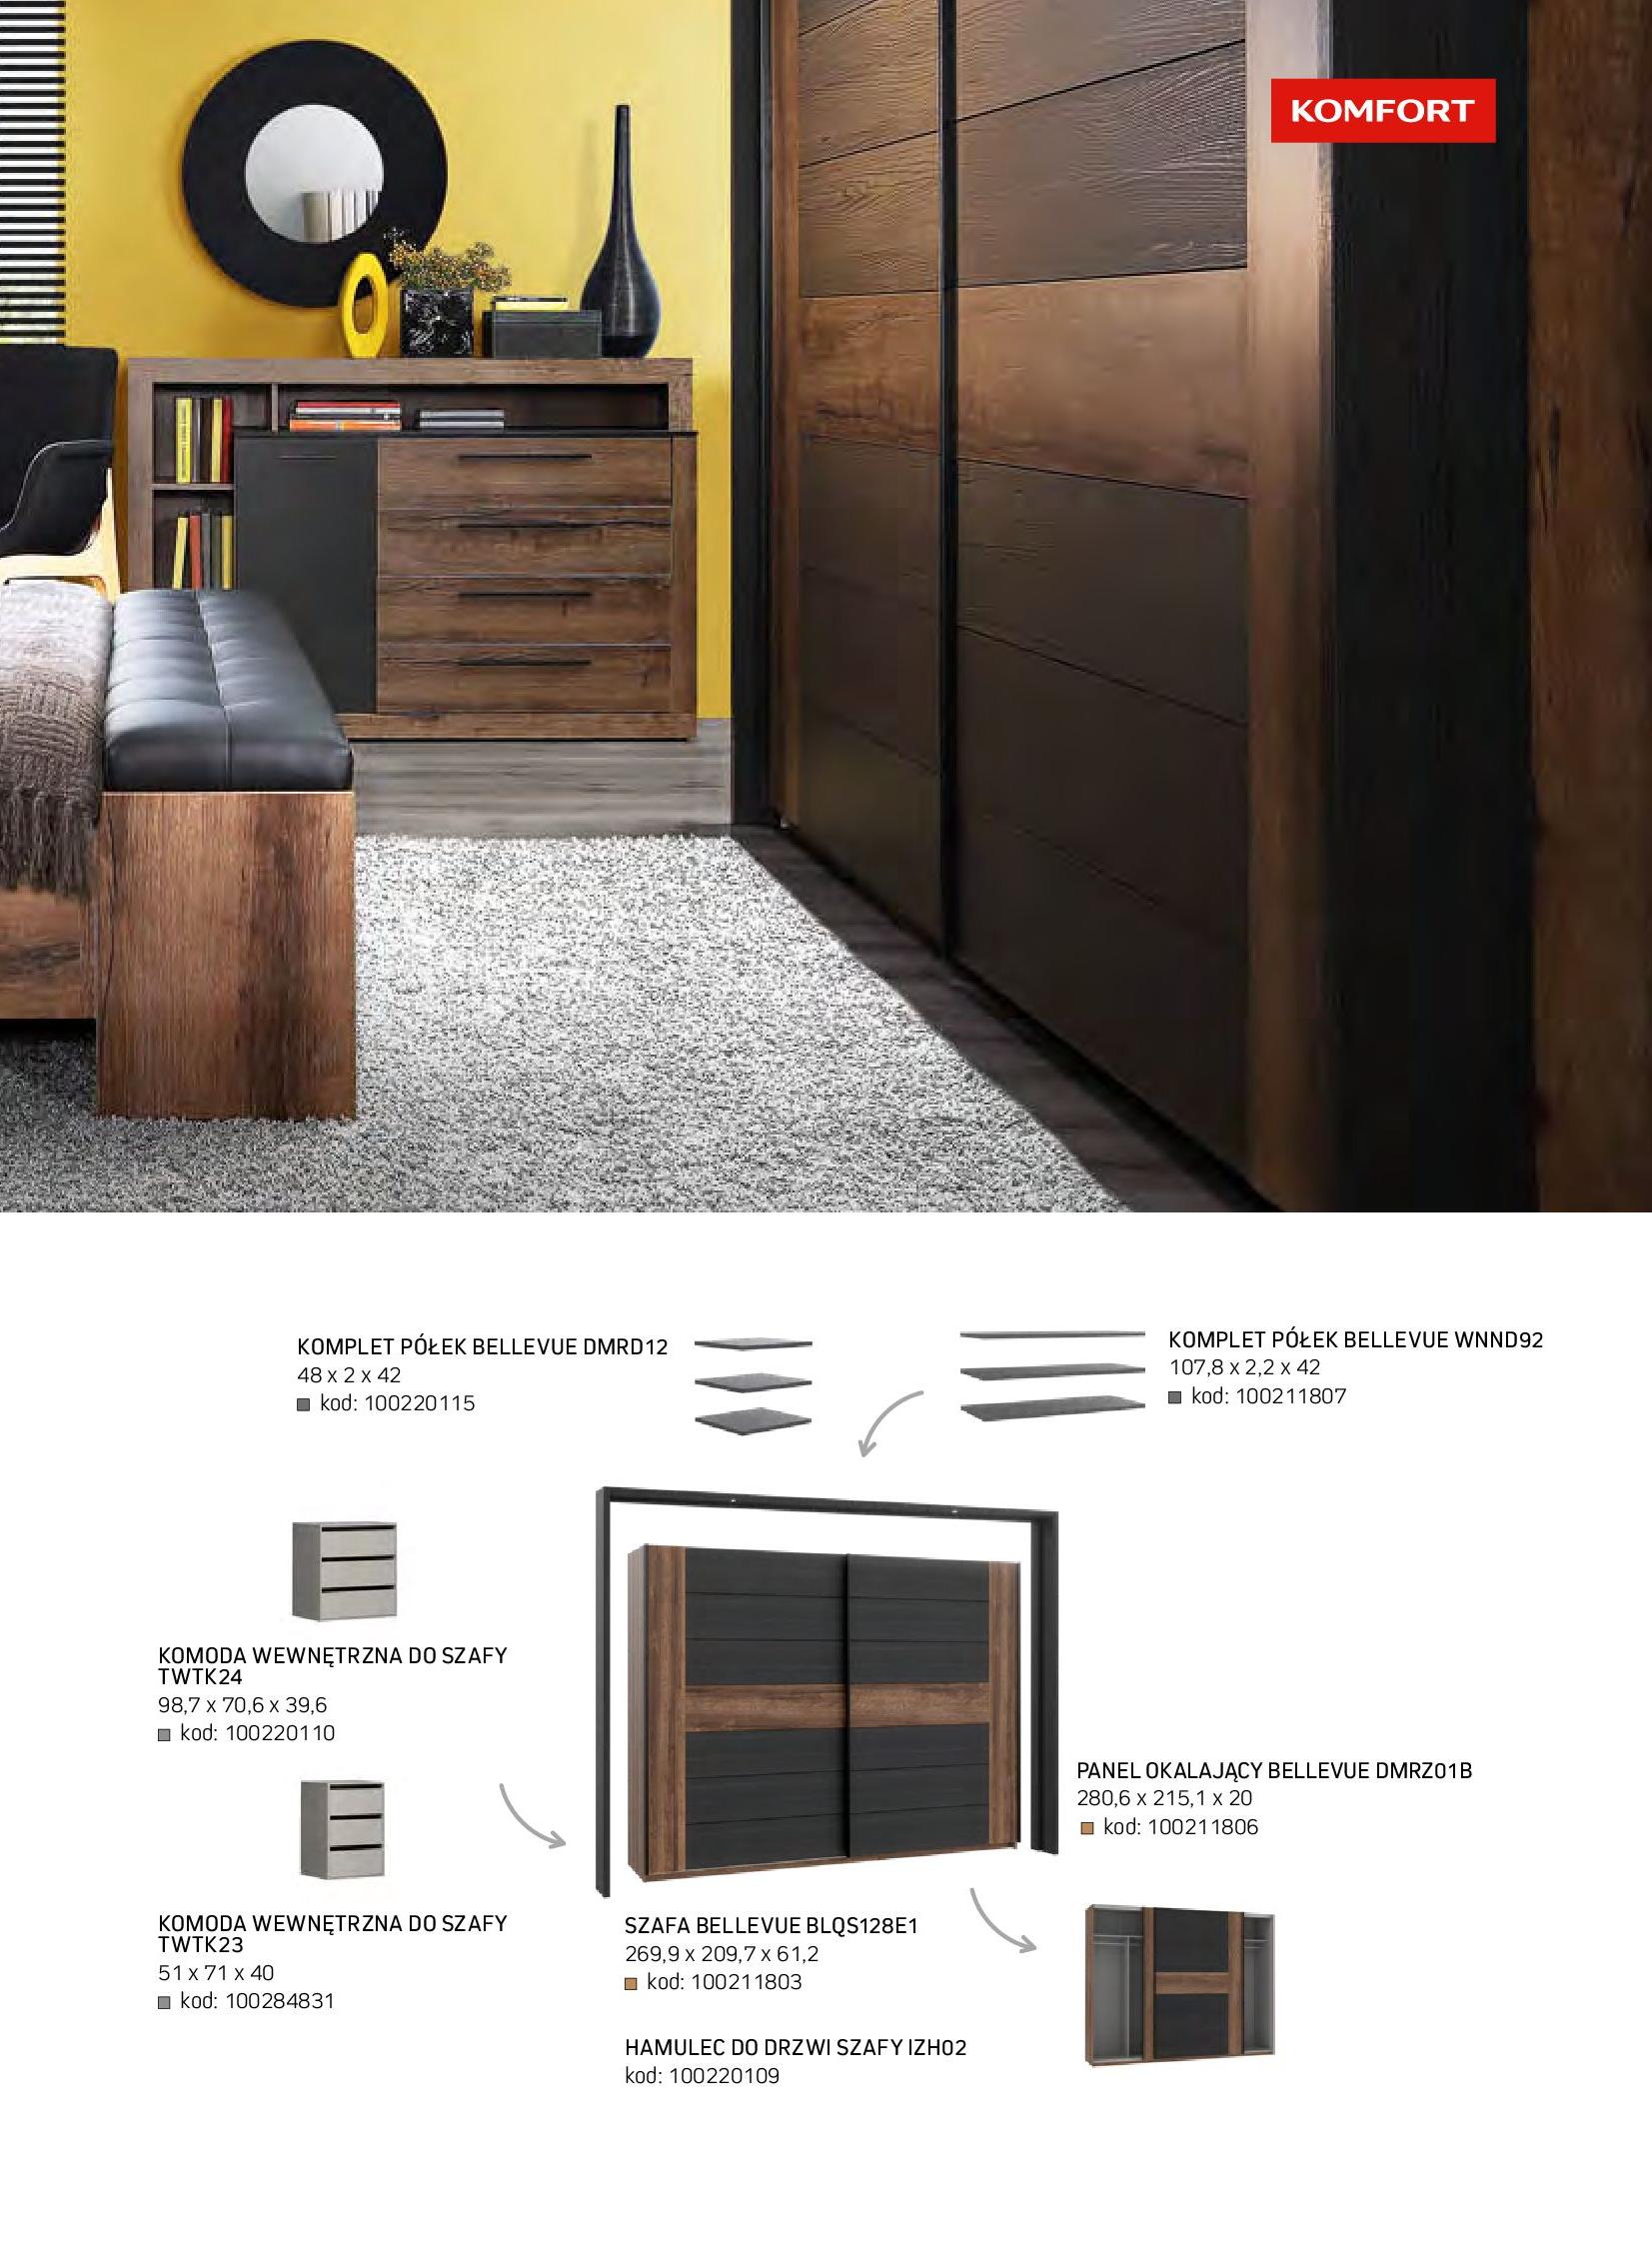 Gazetka Komfort: Gazetka komfort - Meble i oświetlenie 2021-08-26 page-57